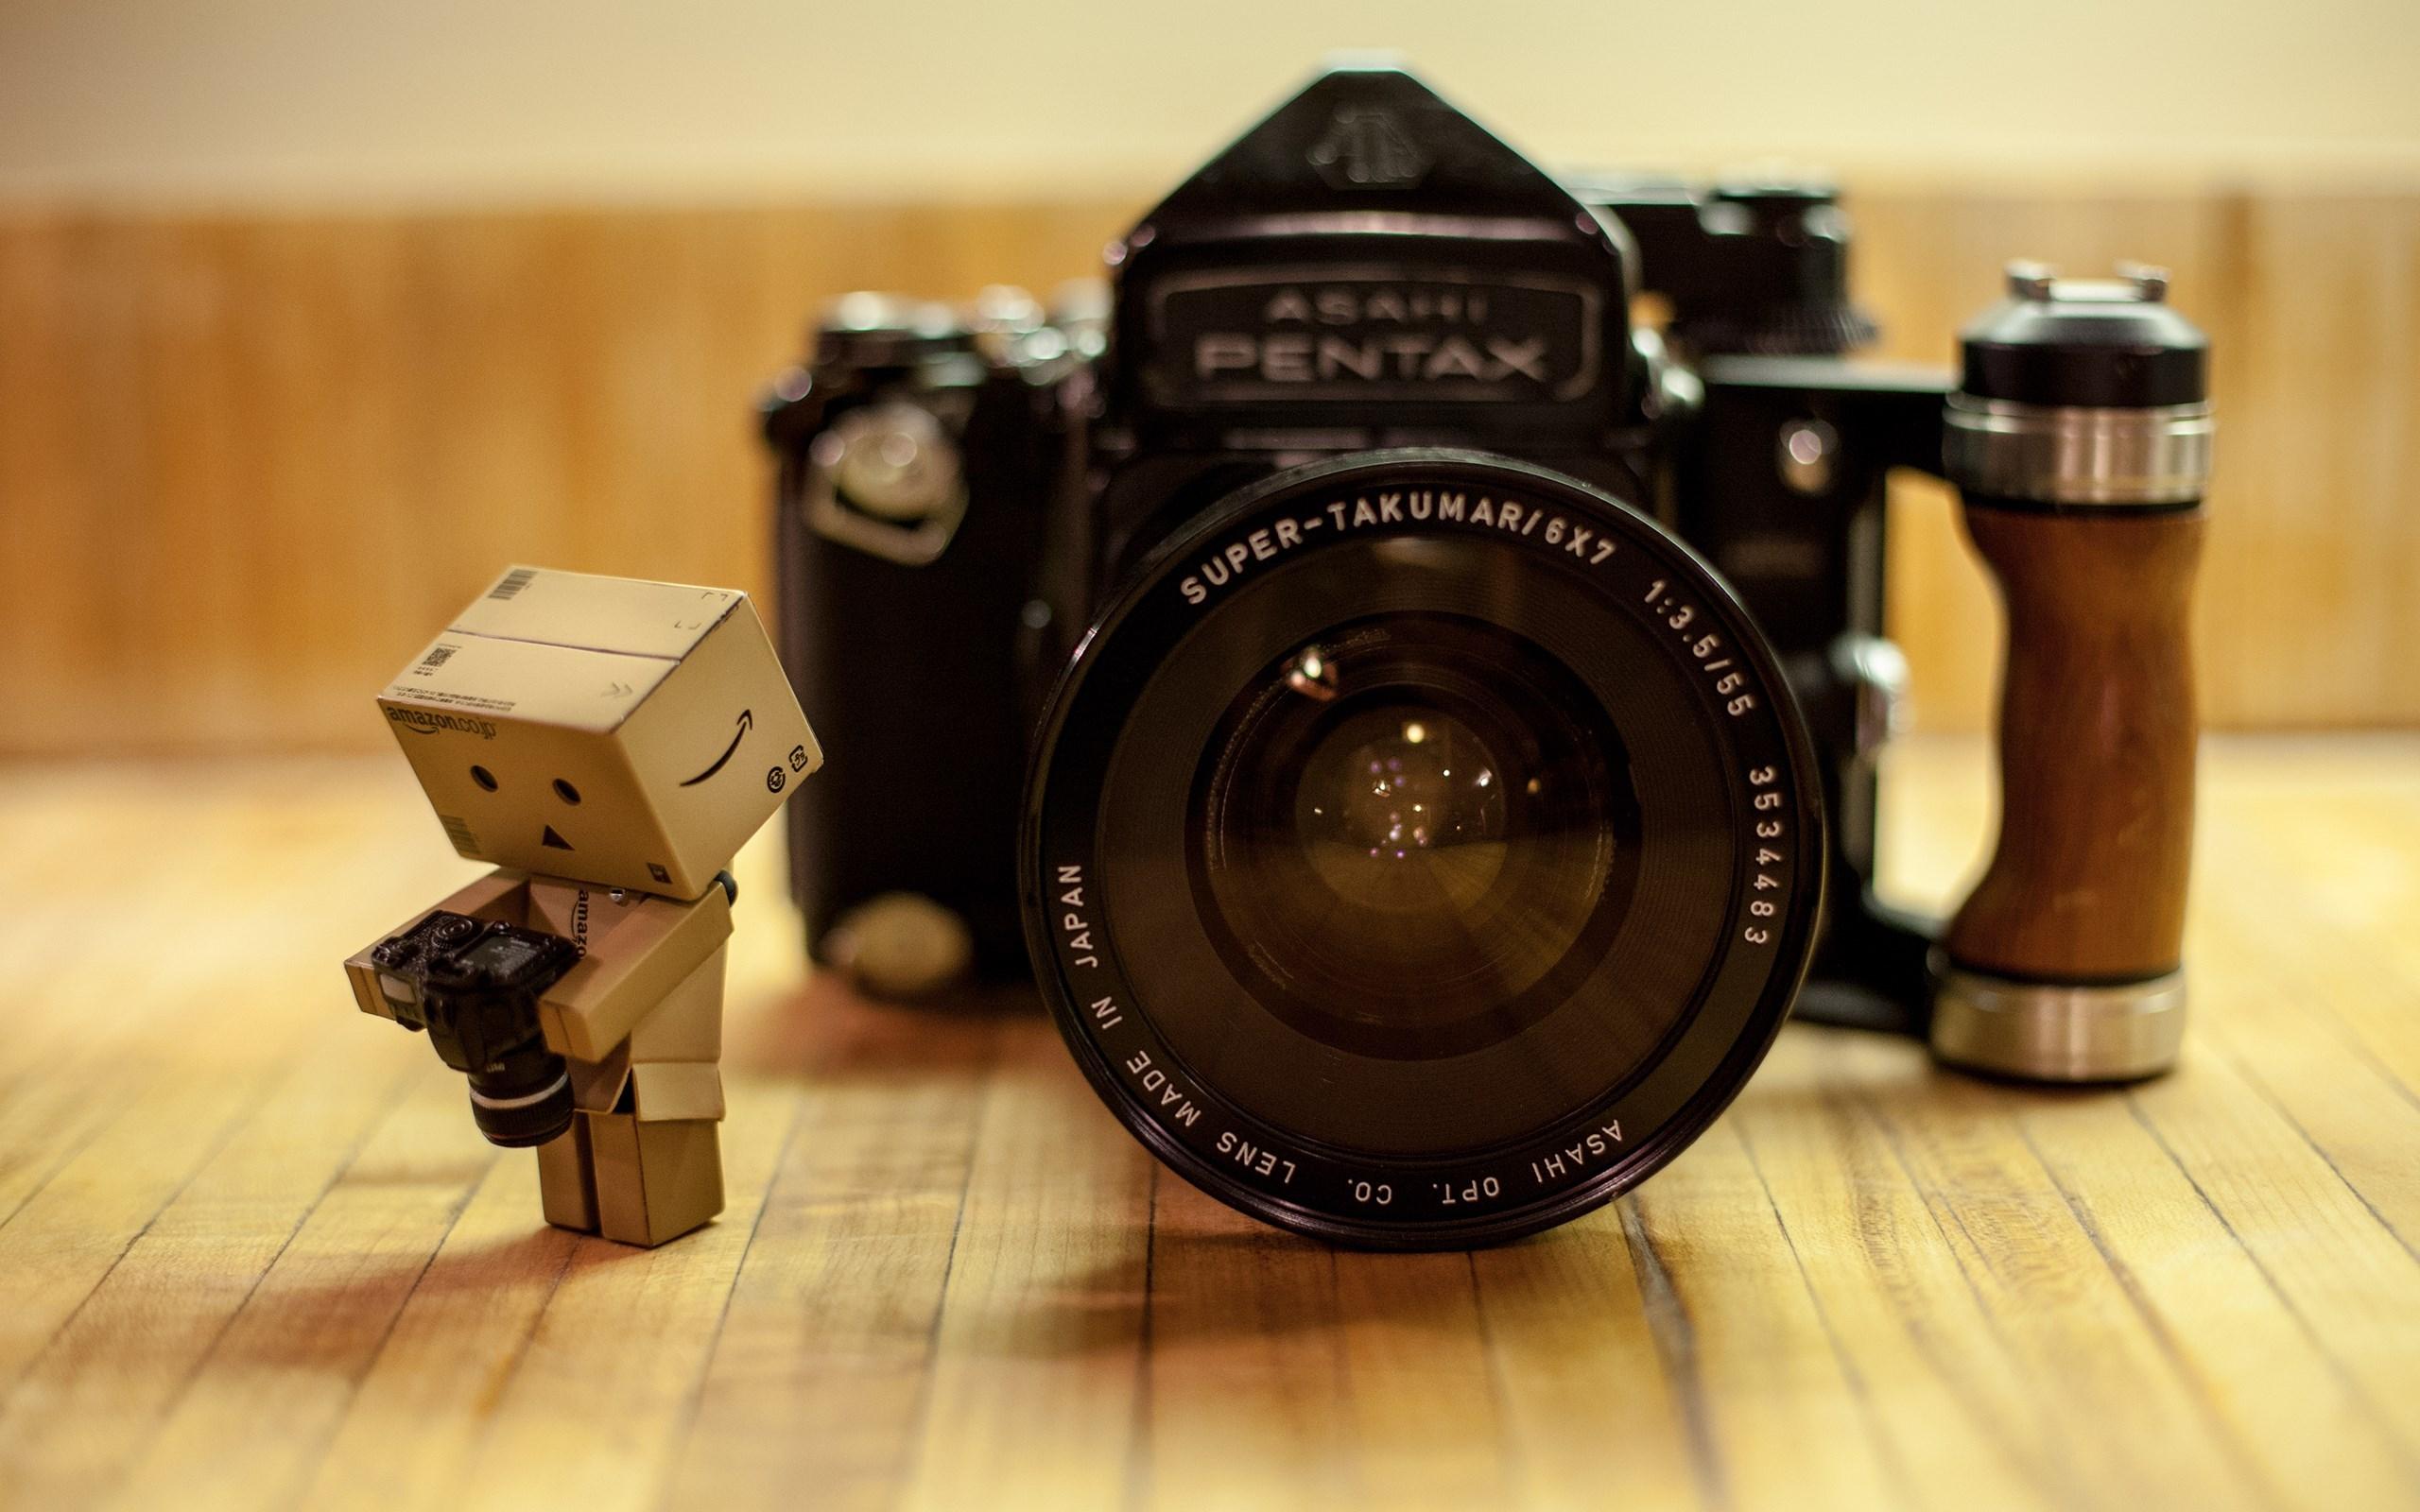 Hd wallpaper camera - Hd Wallpaper Camera 13